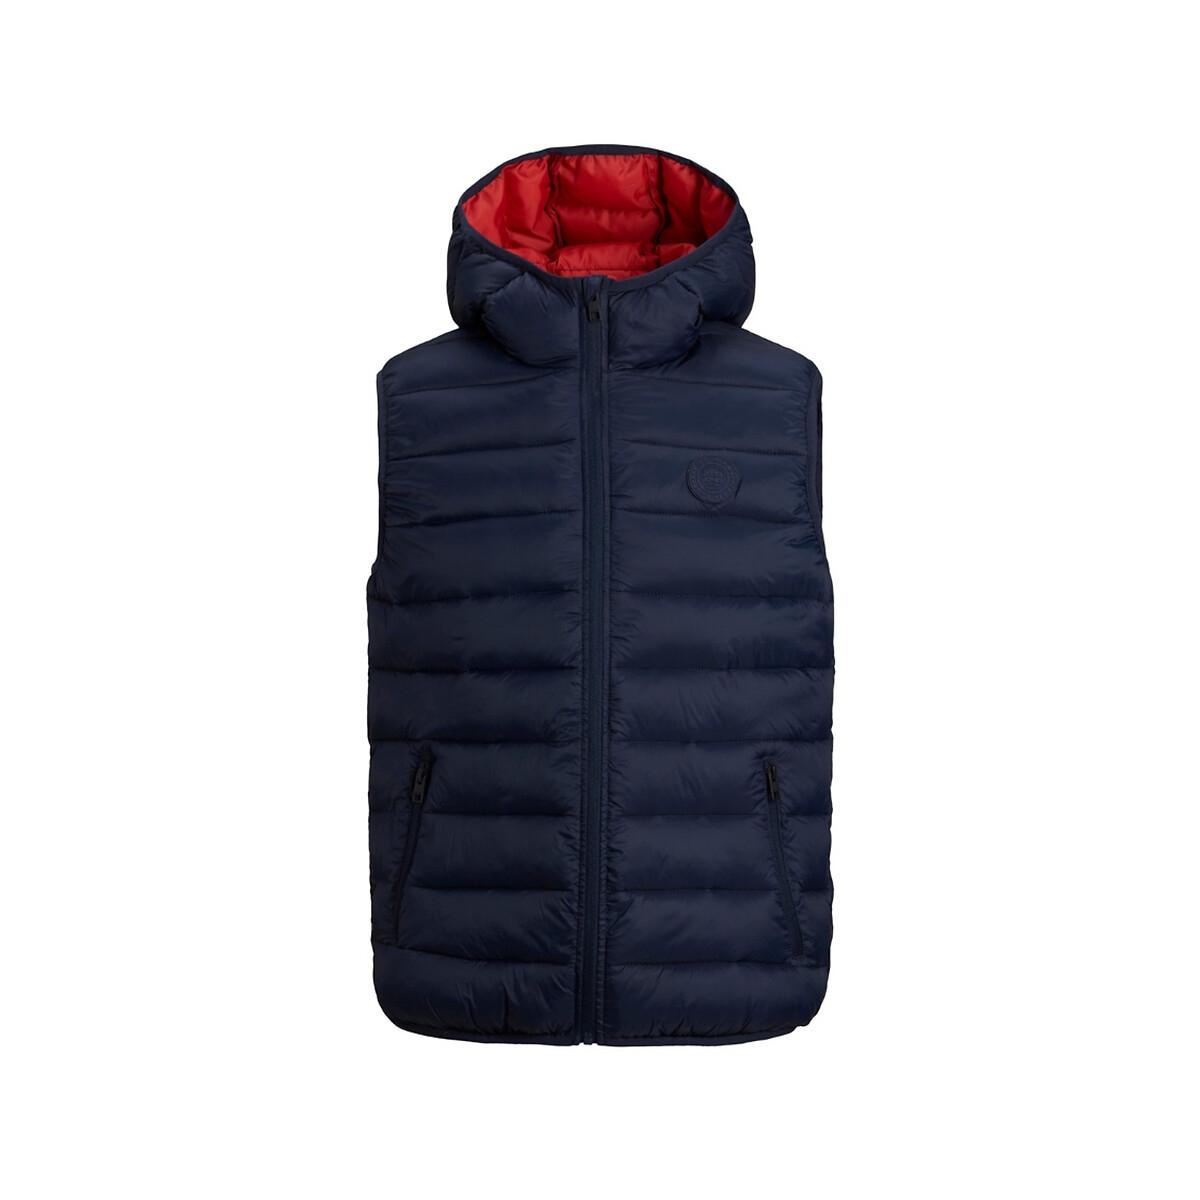 Куртка LaRedoute Стеганая без рукавов 10-16 лет 10 лет - 138 см синий куртка la redoute стеганая на молнии с капюшоном idaho 2 3xl синий